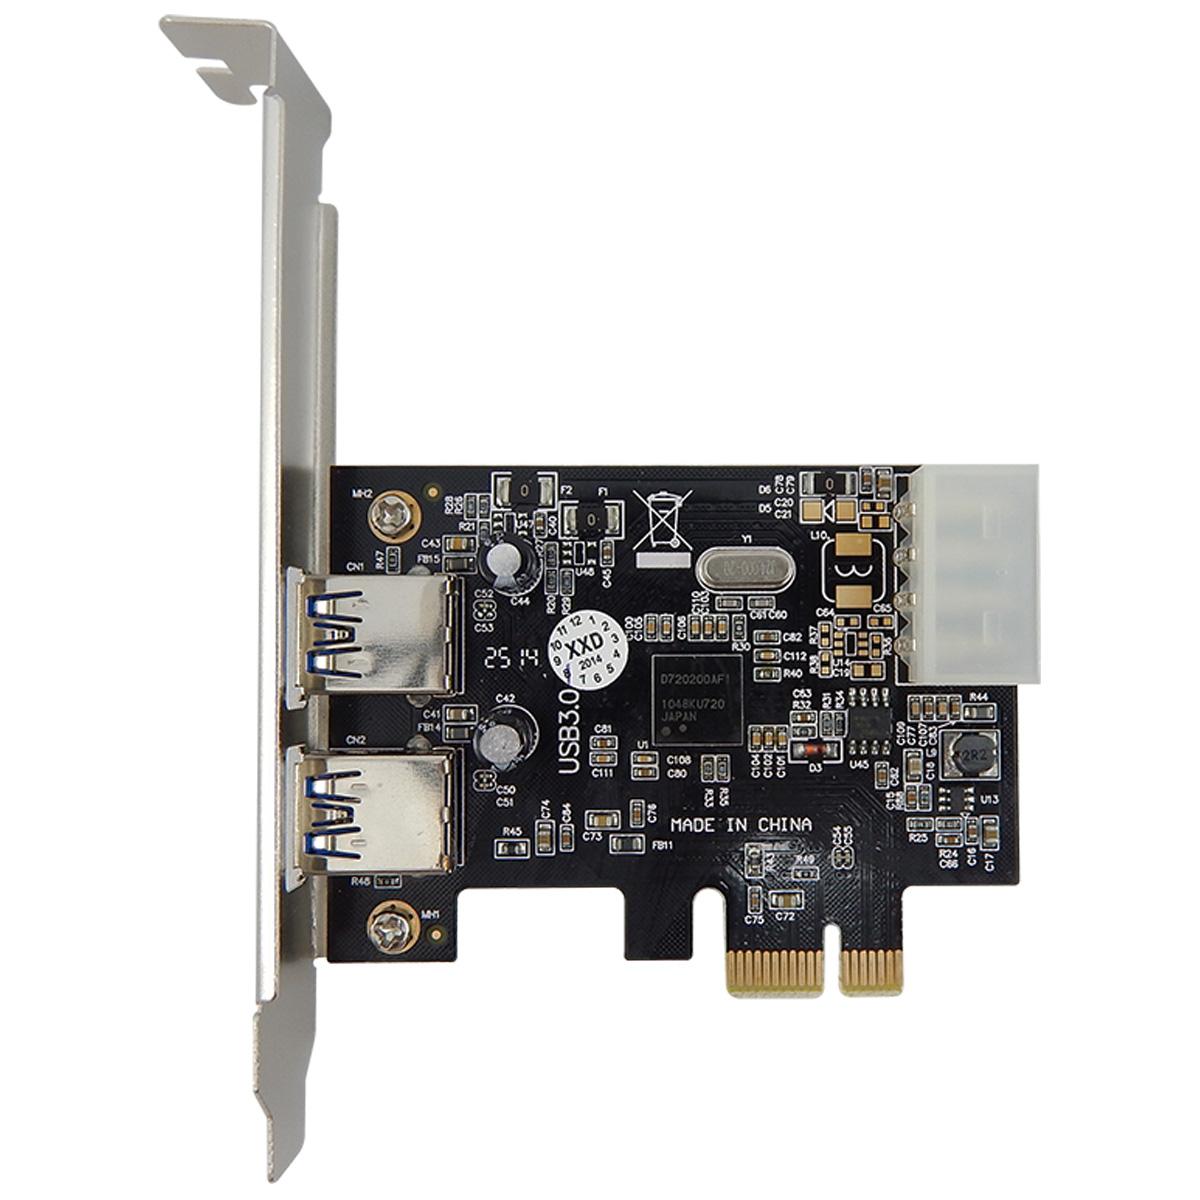 Placa Pci-e Usb 3.0 5gbps Com 2 Portas Pci Express